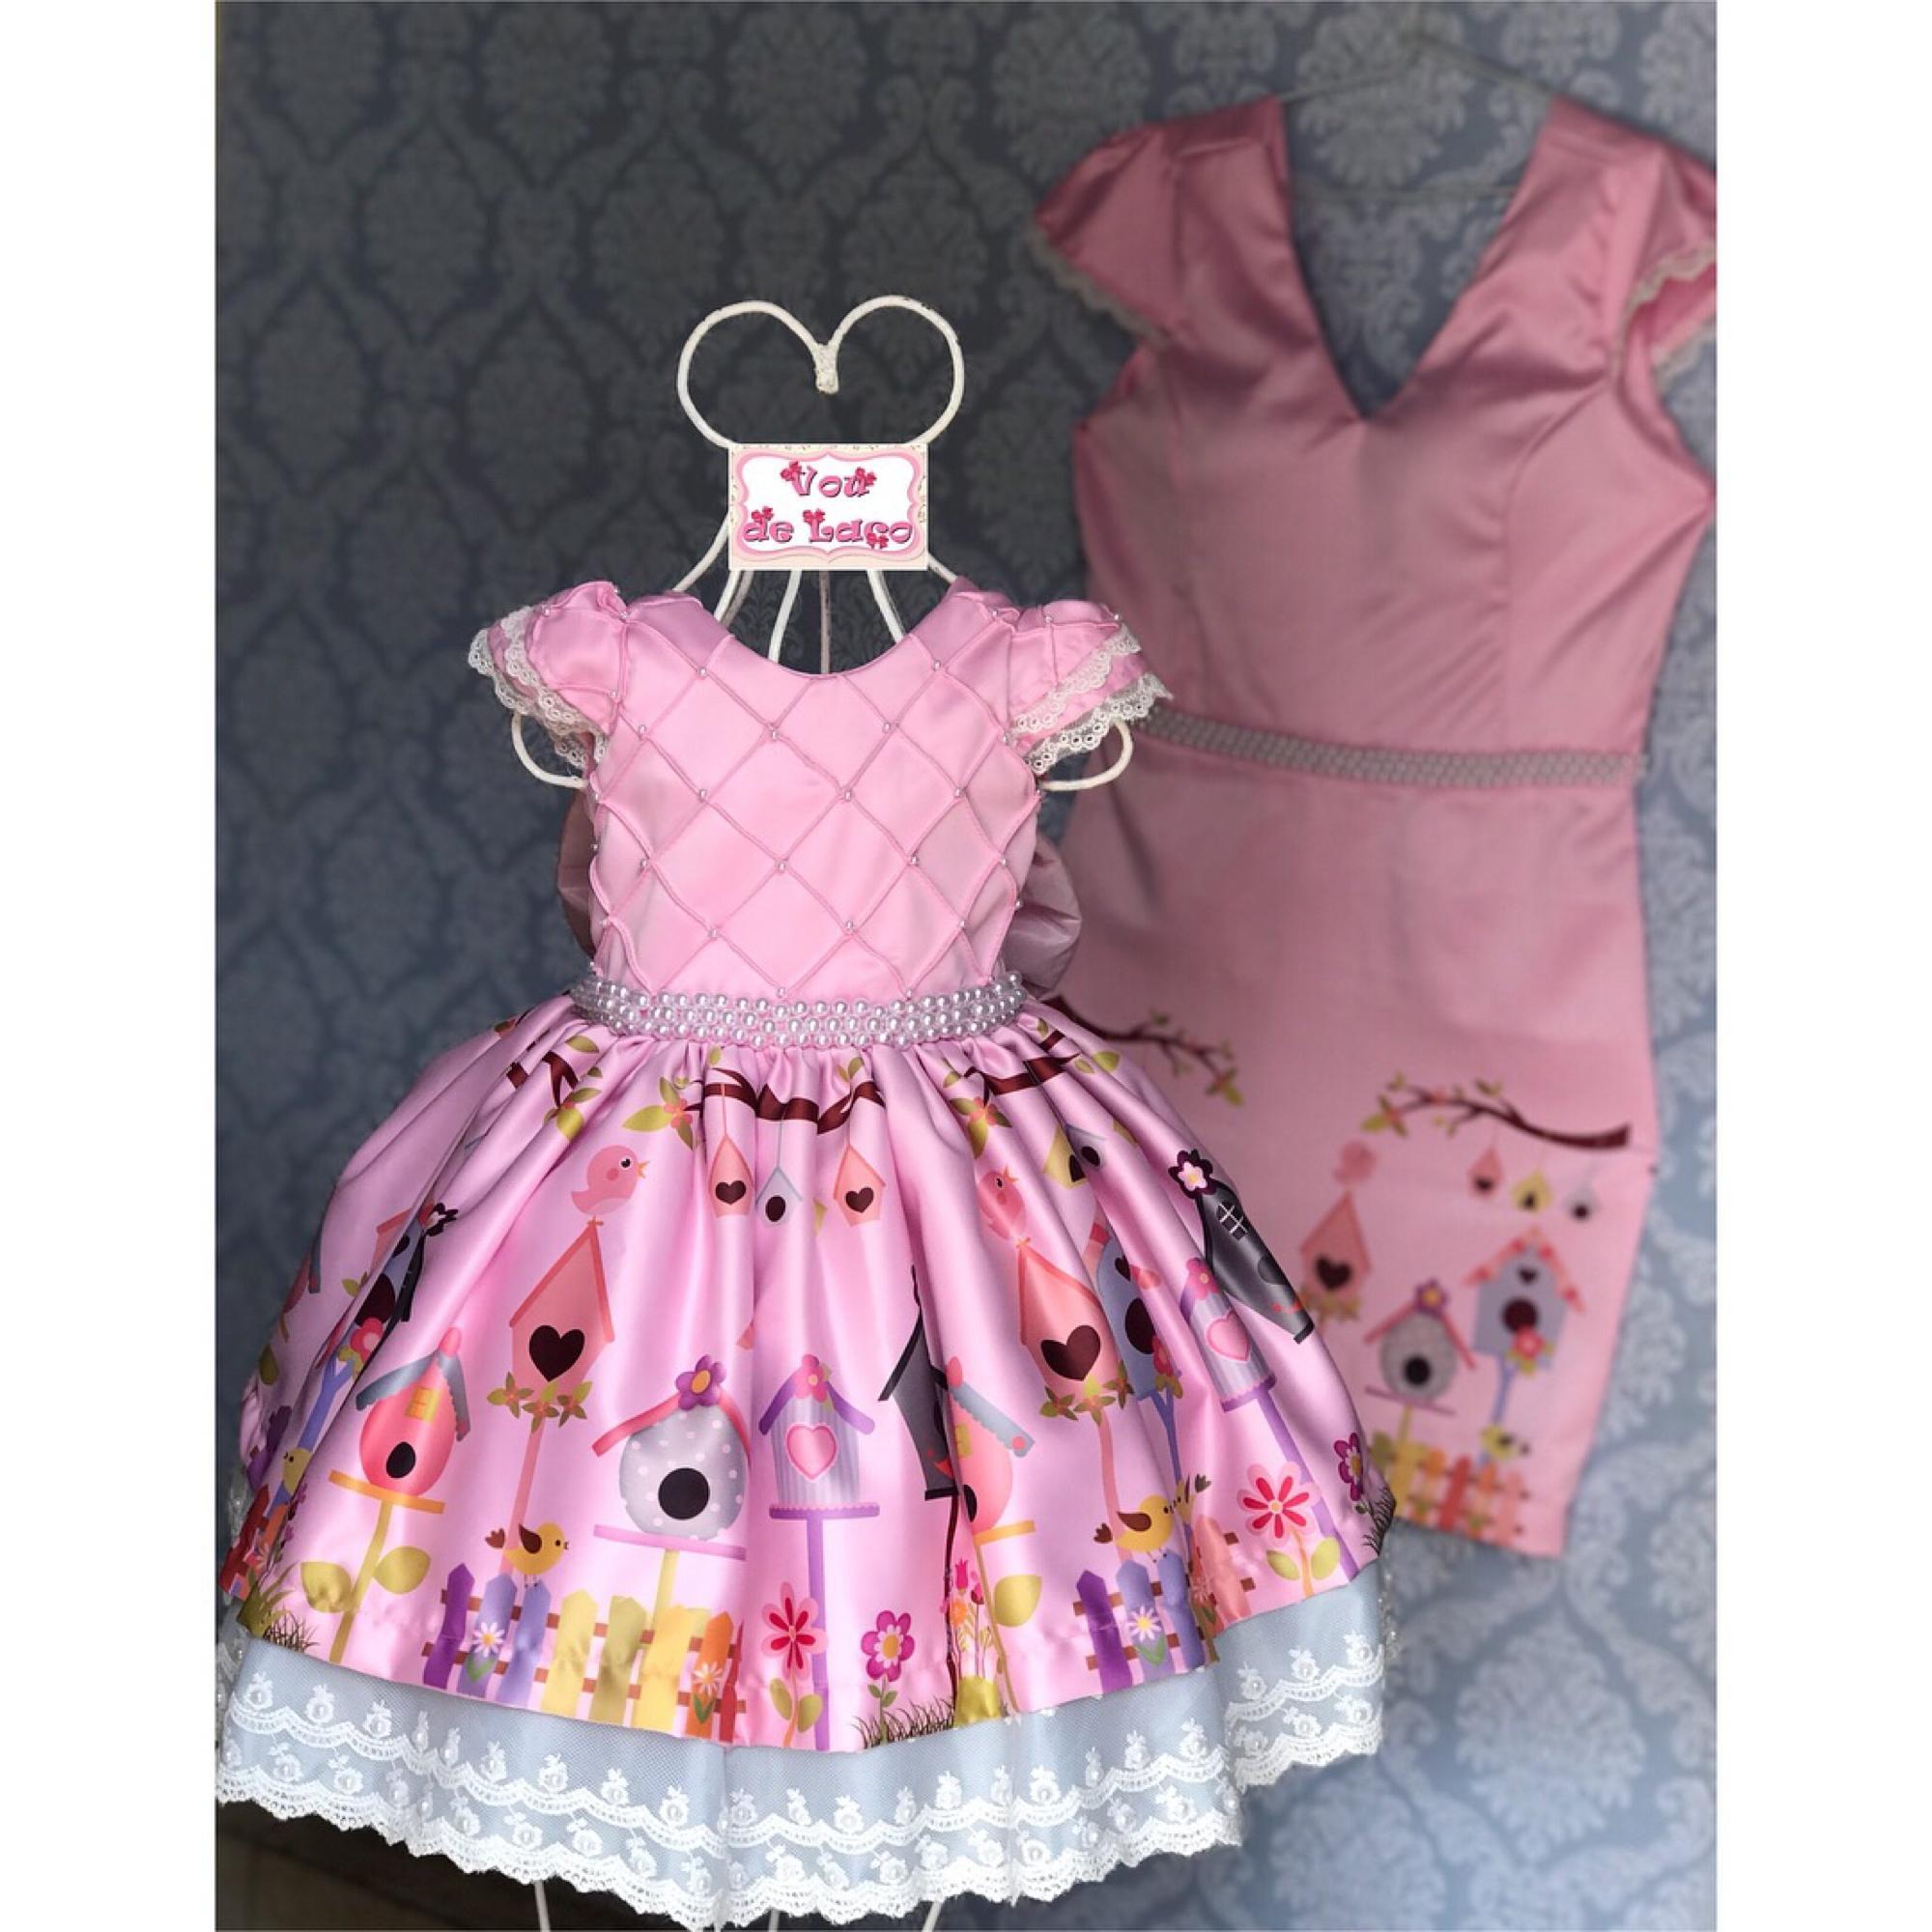 71797ac71ed45c Vestido Mãe e Filha Jardim encantado